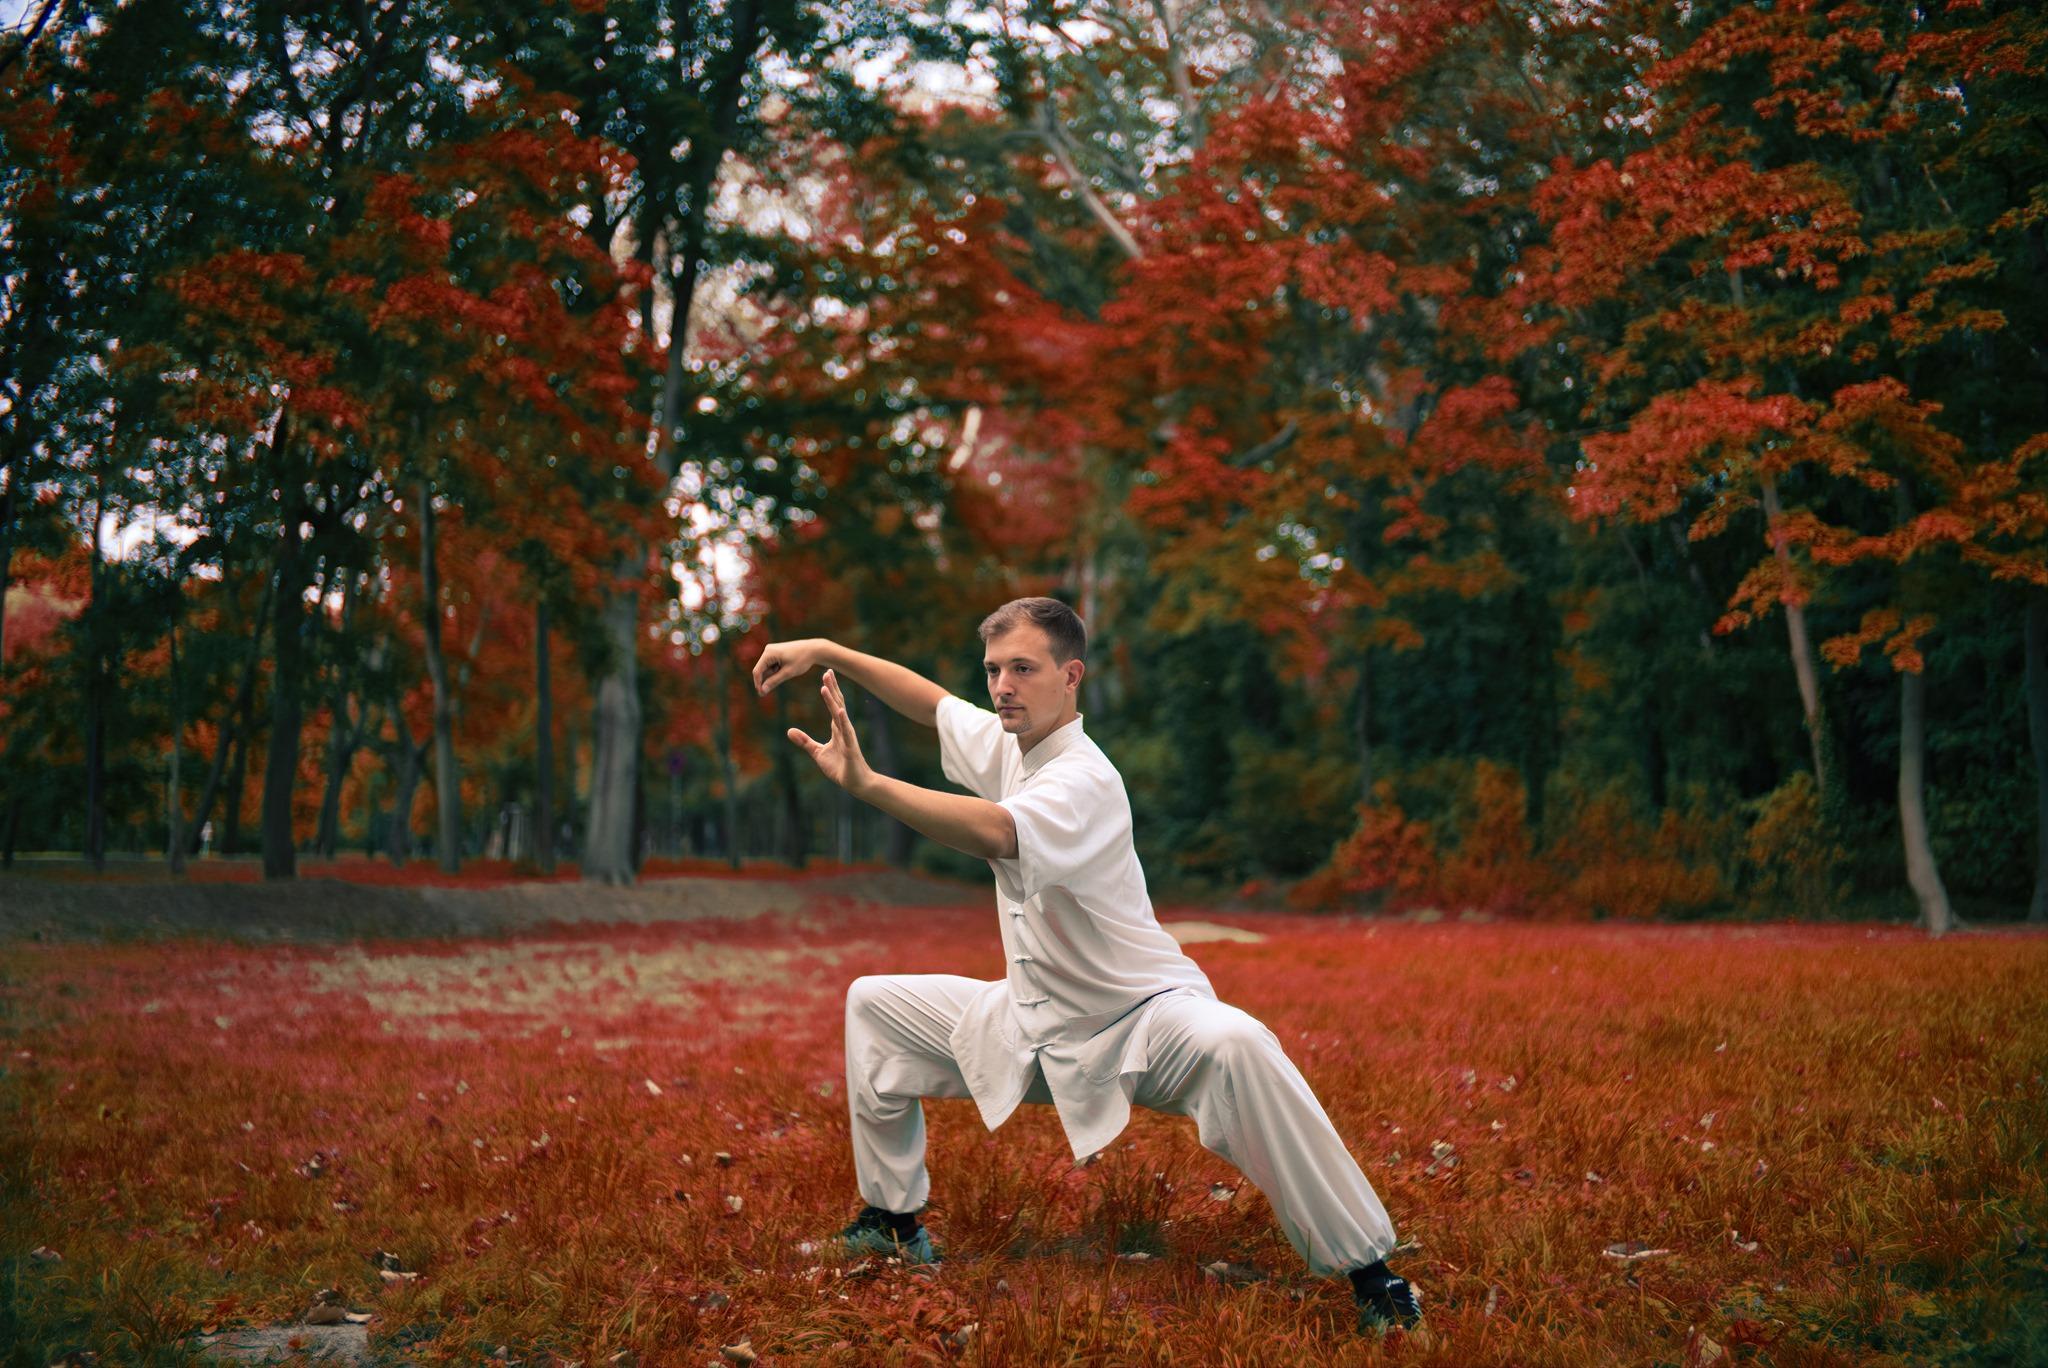 The Three Pillars of Internal Wudang Martial Arts